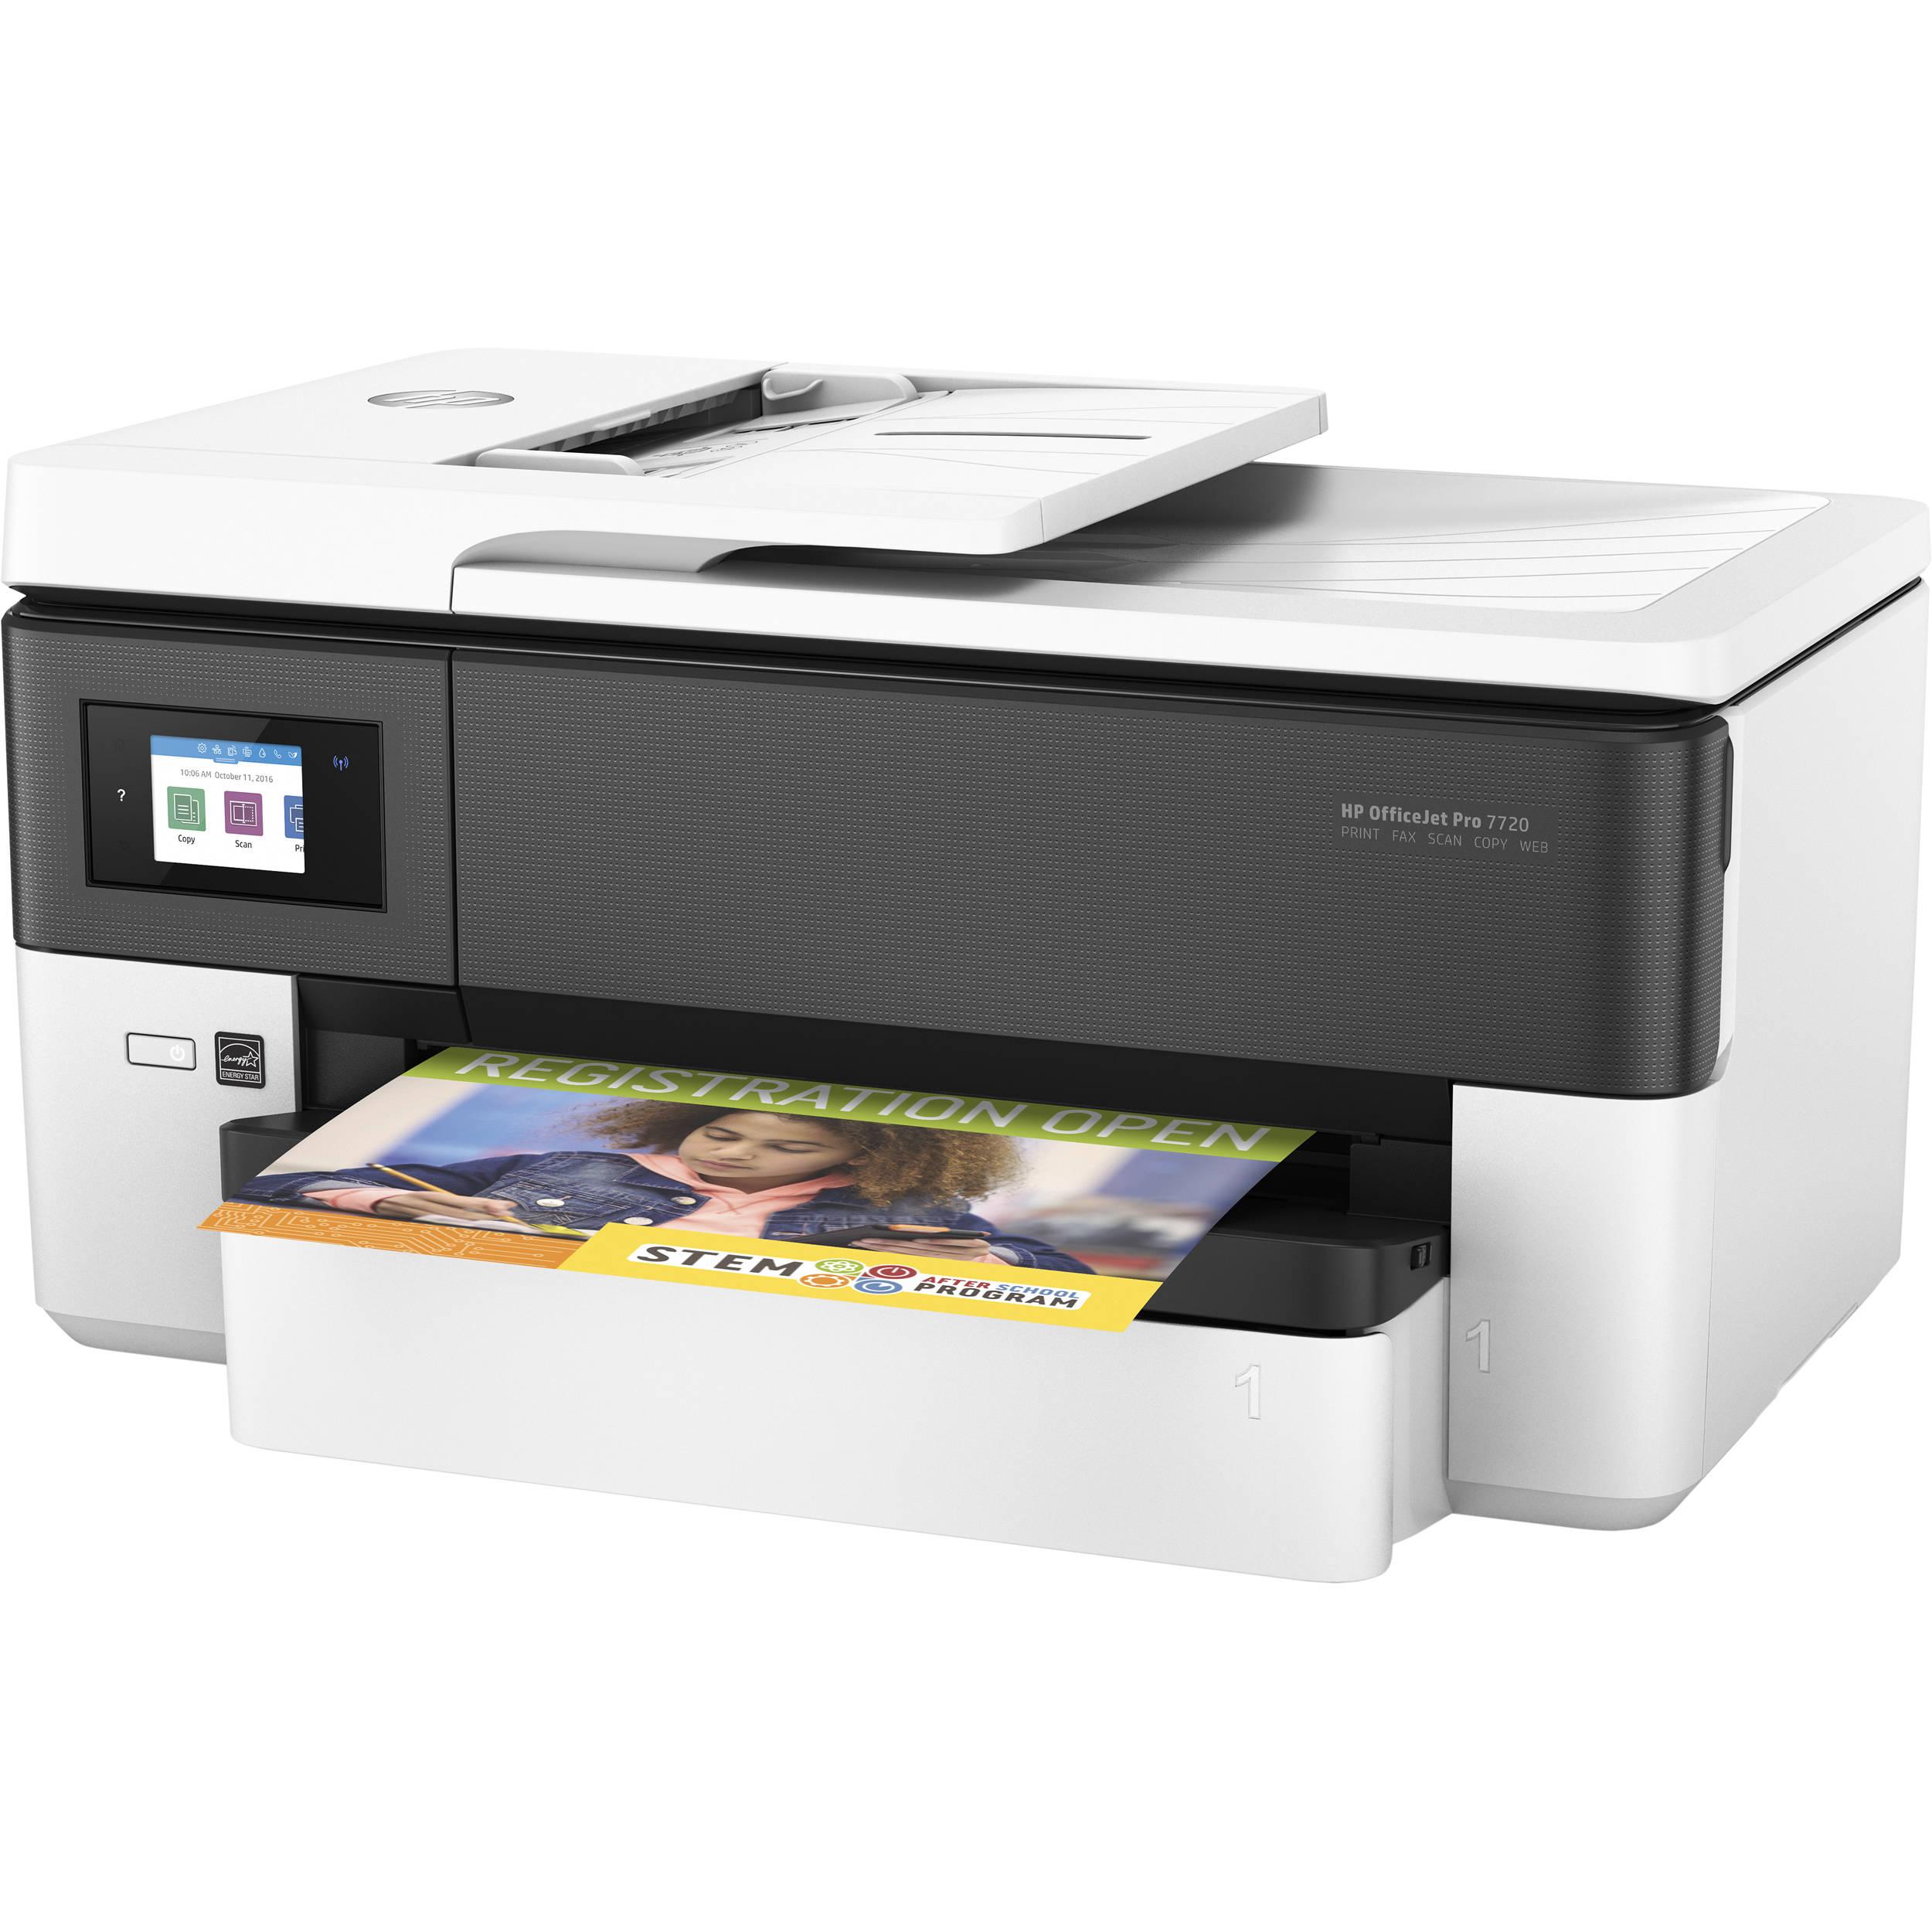 HP OfficeJet Pro 7720 Wide Format All-In-One Inkjet Printer